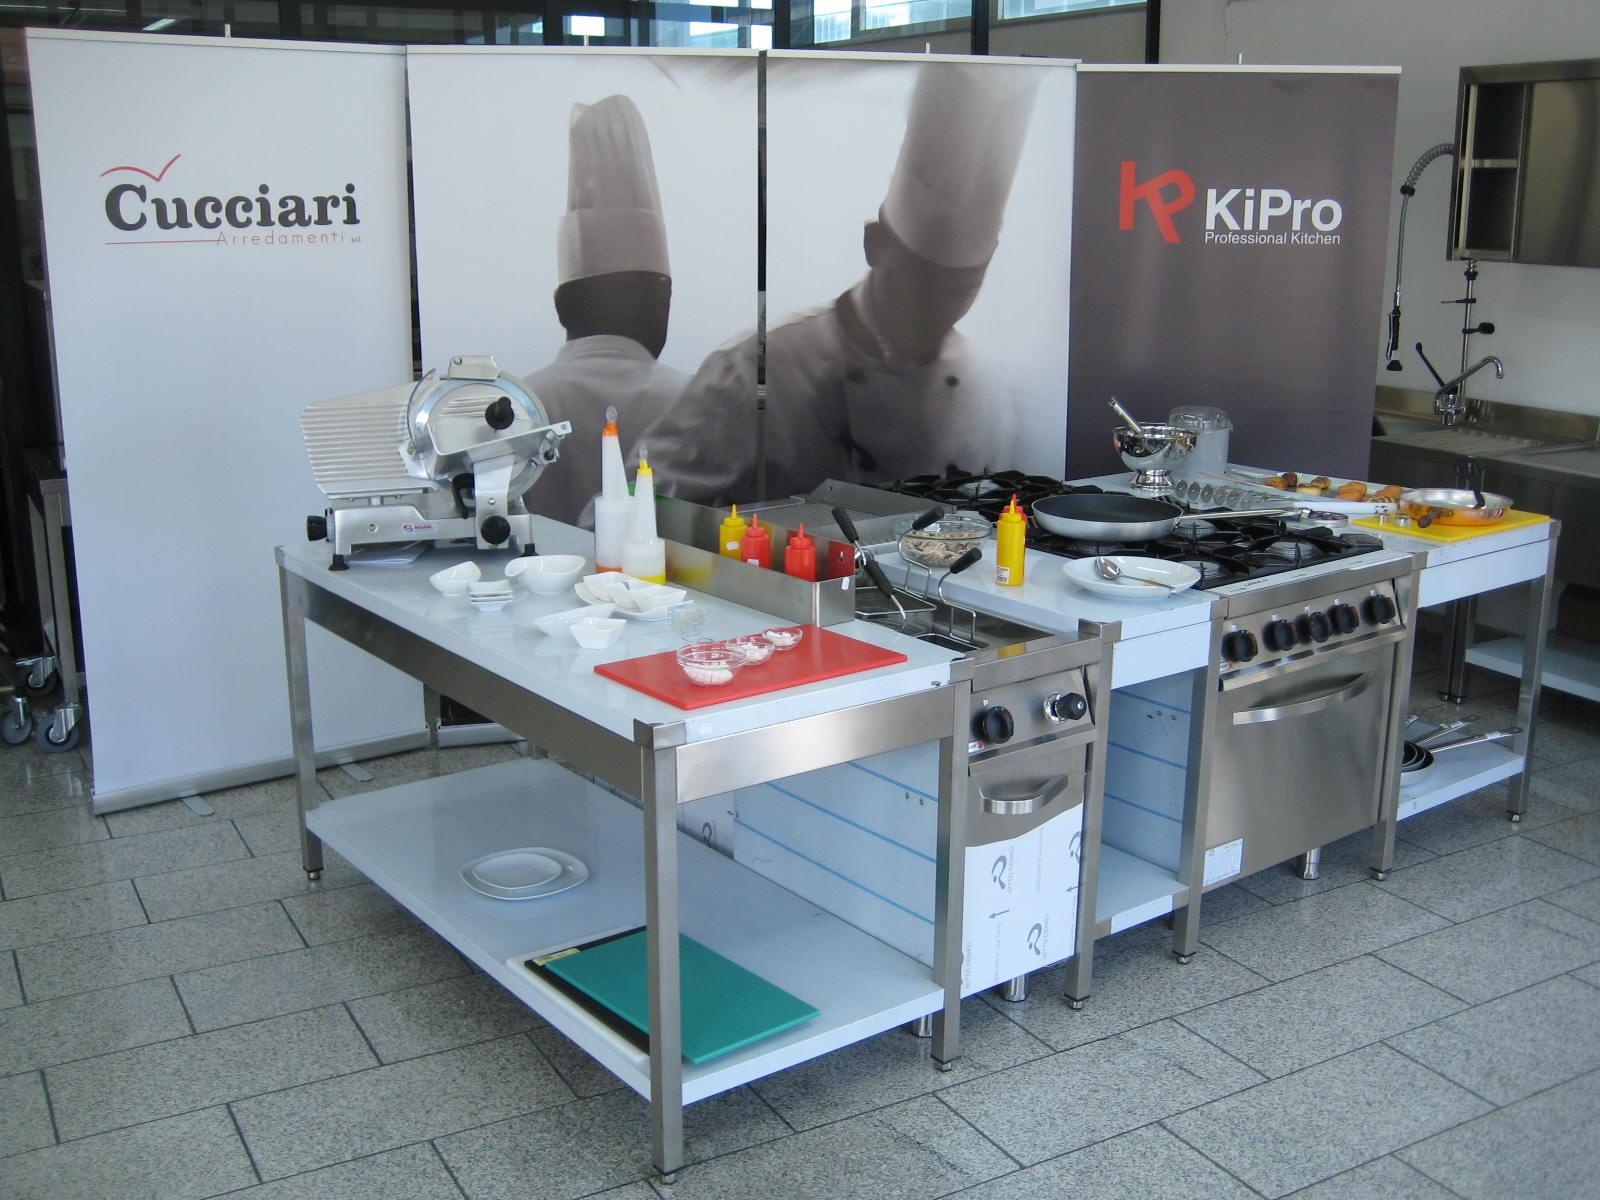 Cucine professionali kipro point cucciari arredamenti - Cucine professionali per ristoranti ...